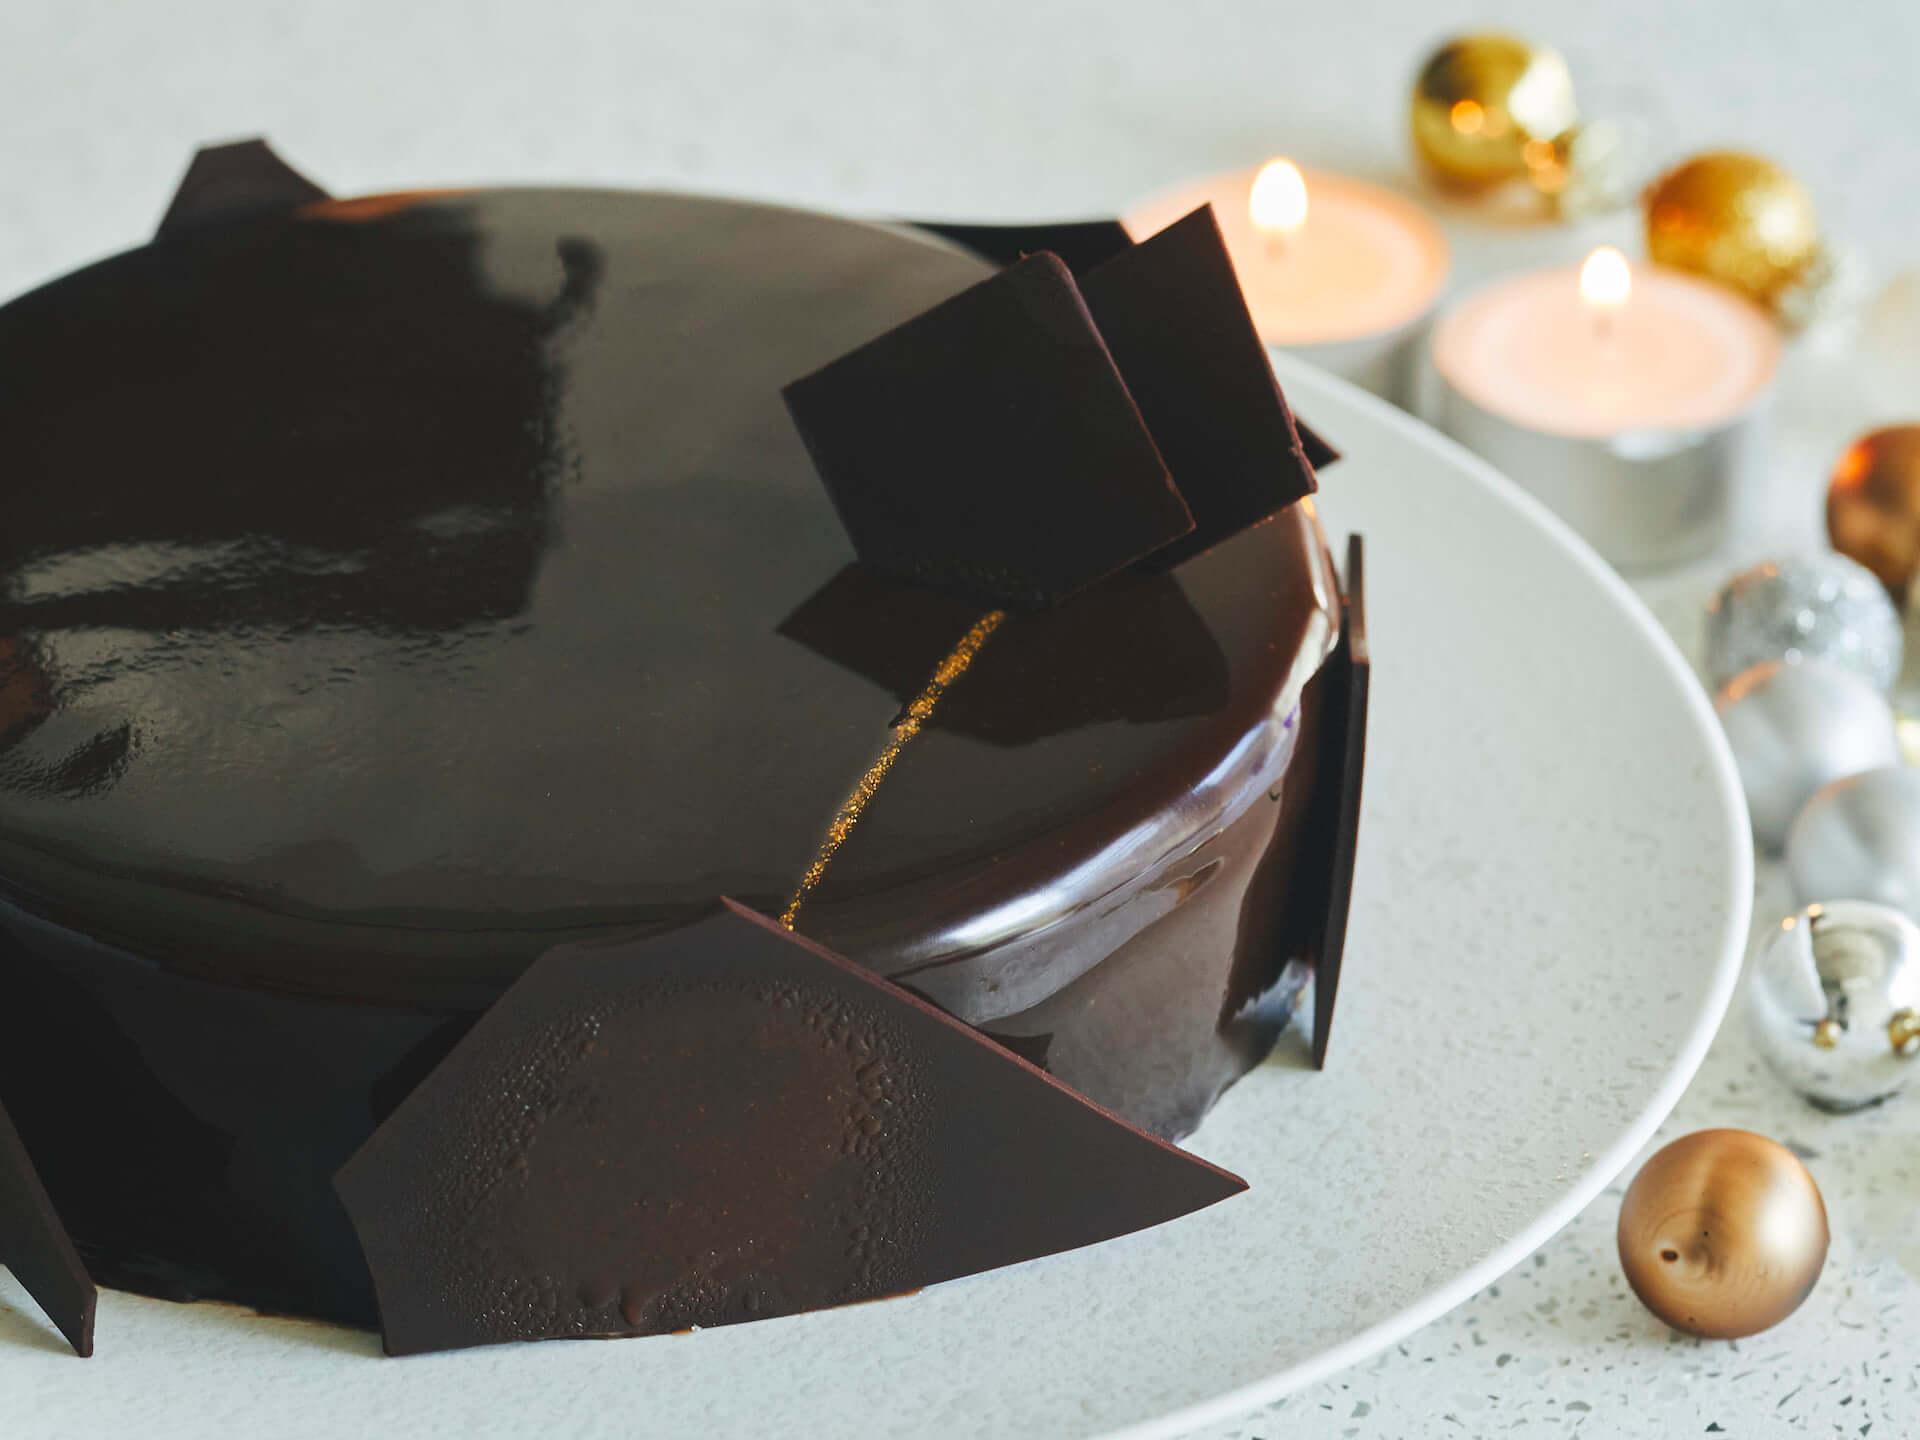 今年のクリスマスはこれで決まり!MAISON CACAOから「チョコレートよりチョコレートを感じるケーキ」が登場 gourmet200924_maisoncacao_1-1920x1440